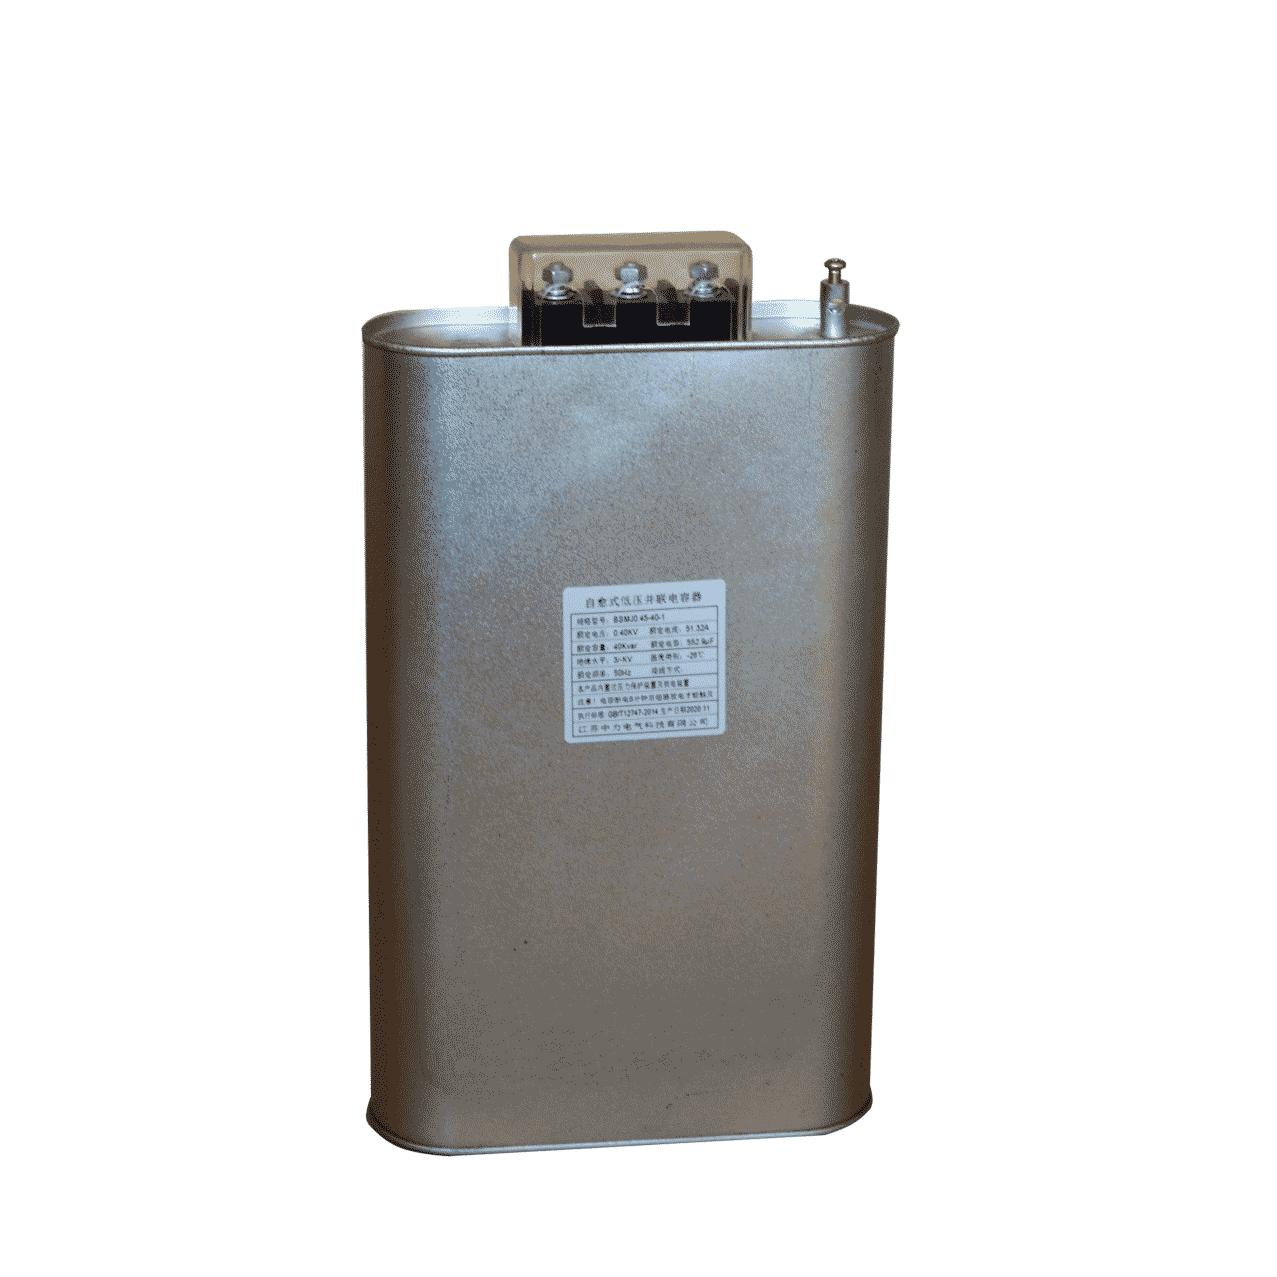 低压电抗电容器